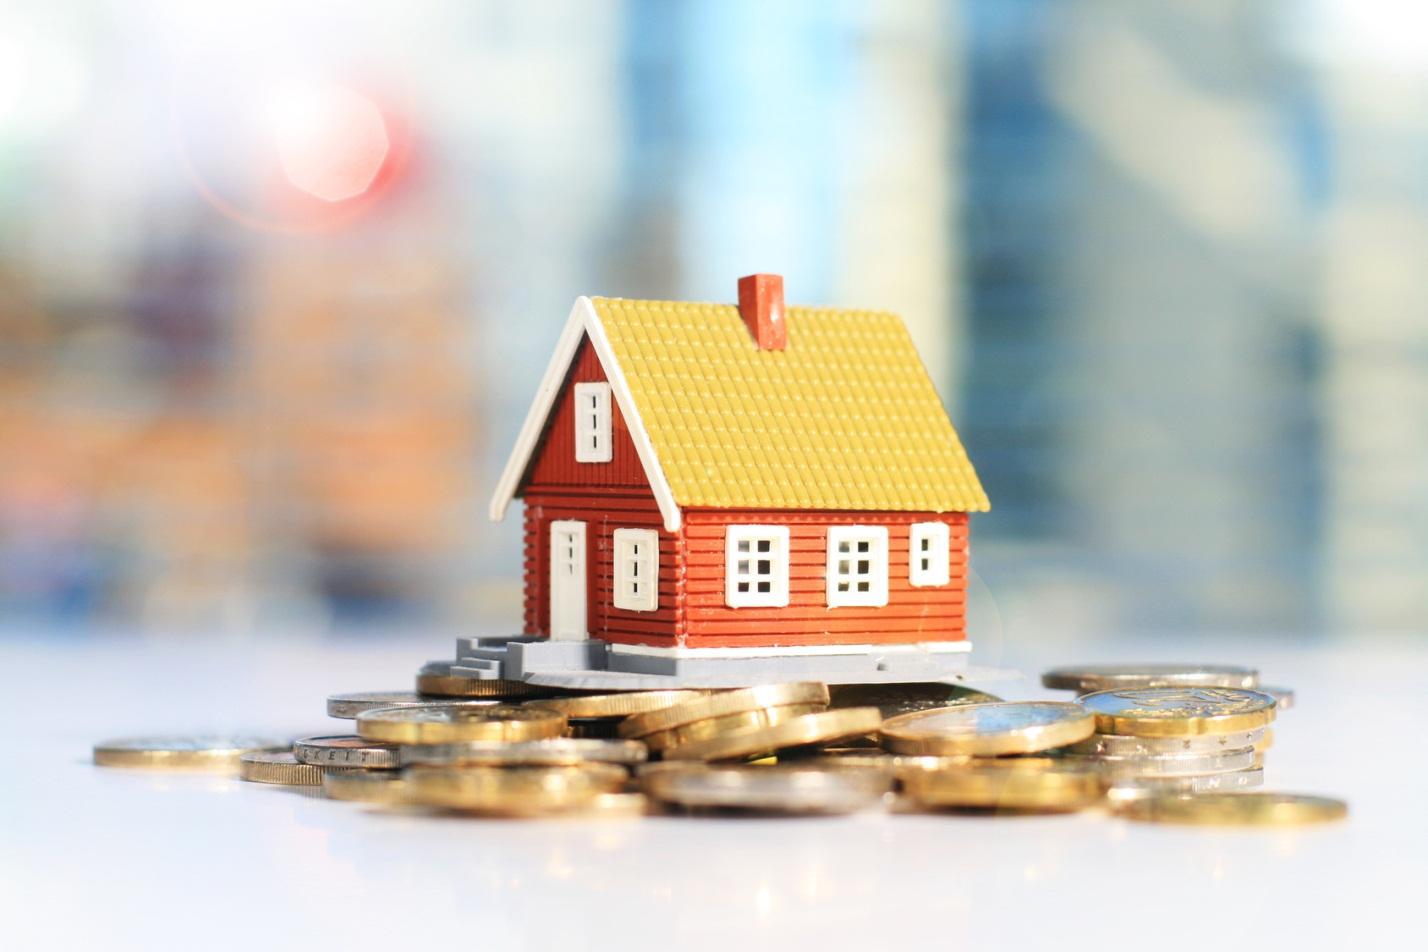 Tham khảo các mẫu hợp đồng thuê nhà đơn giản, cập nhật nhất  - Ảnh 5.